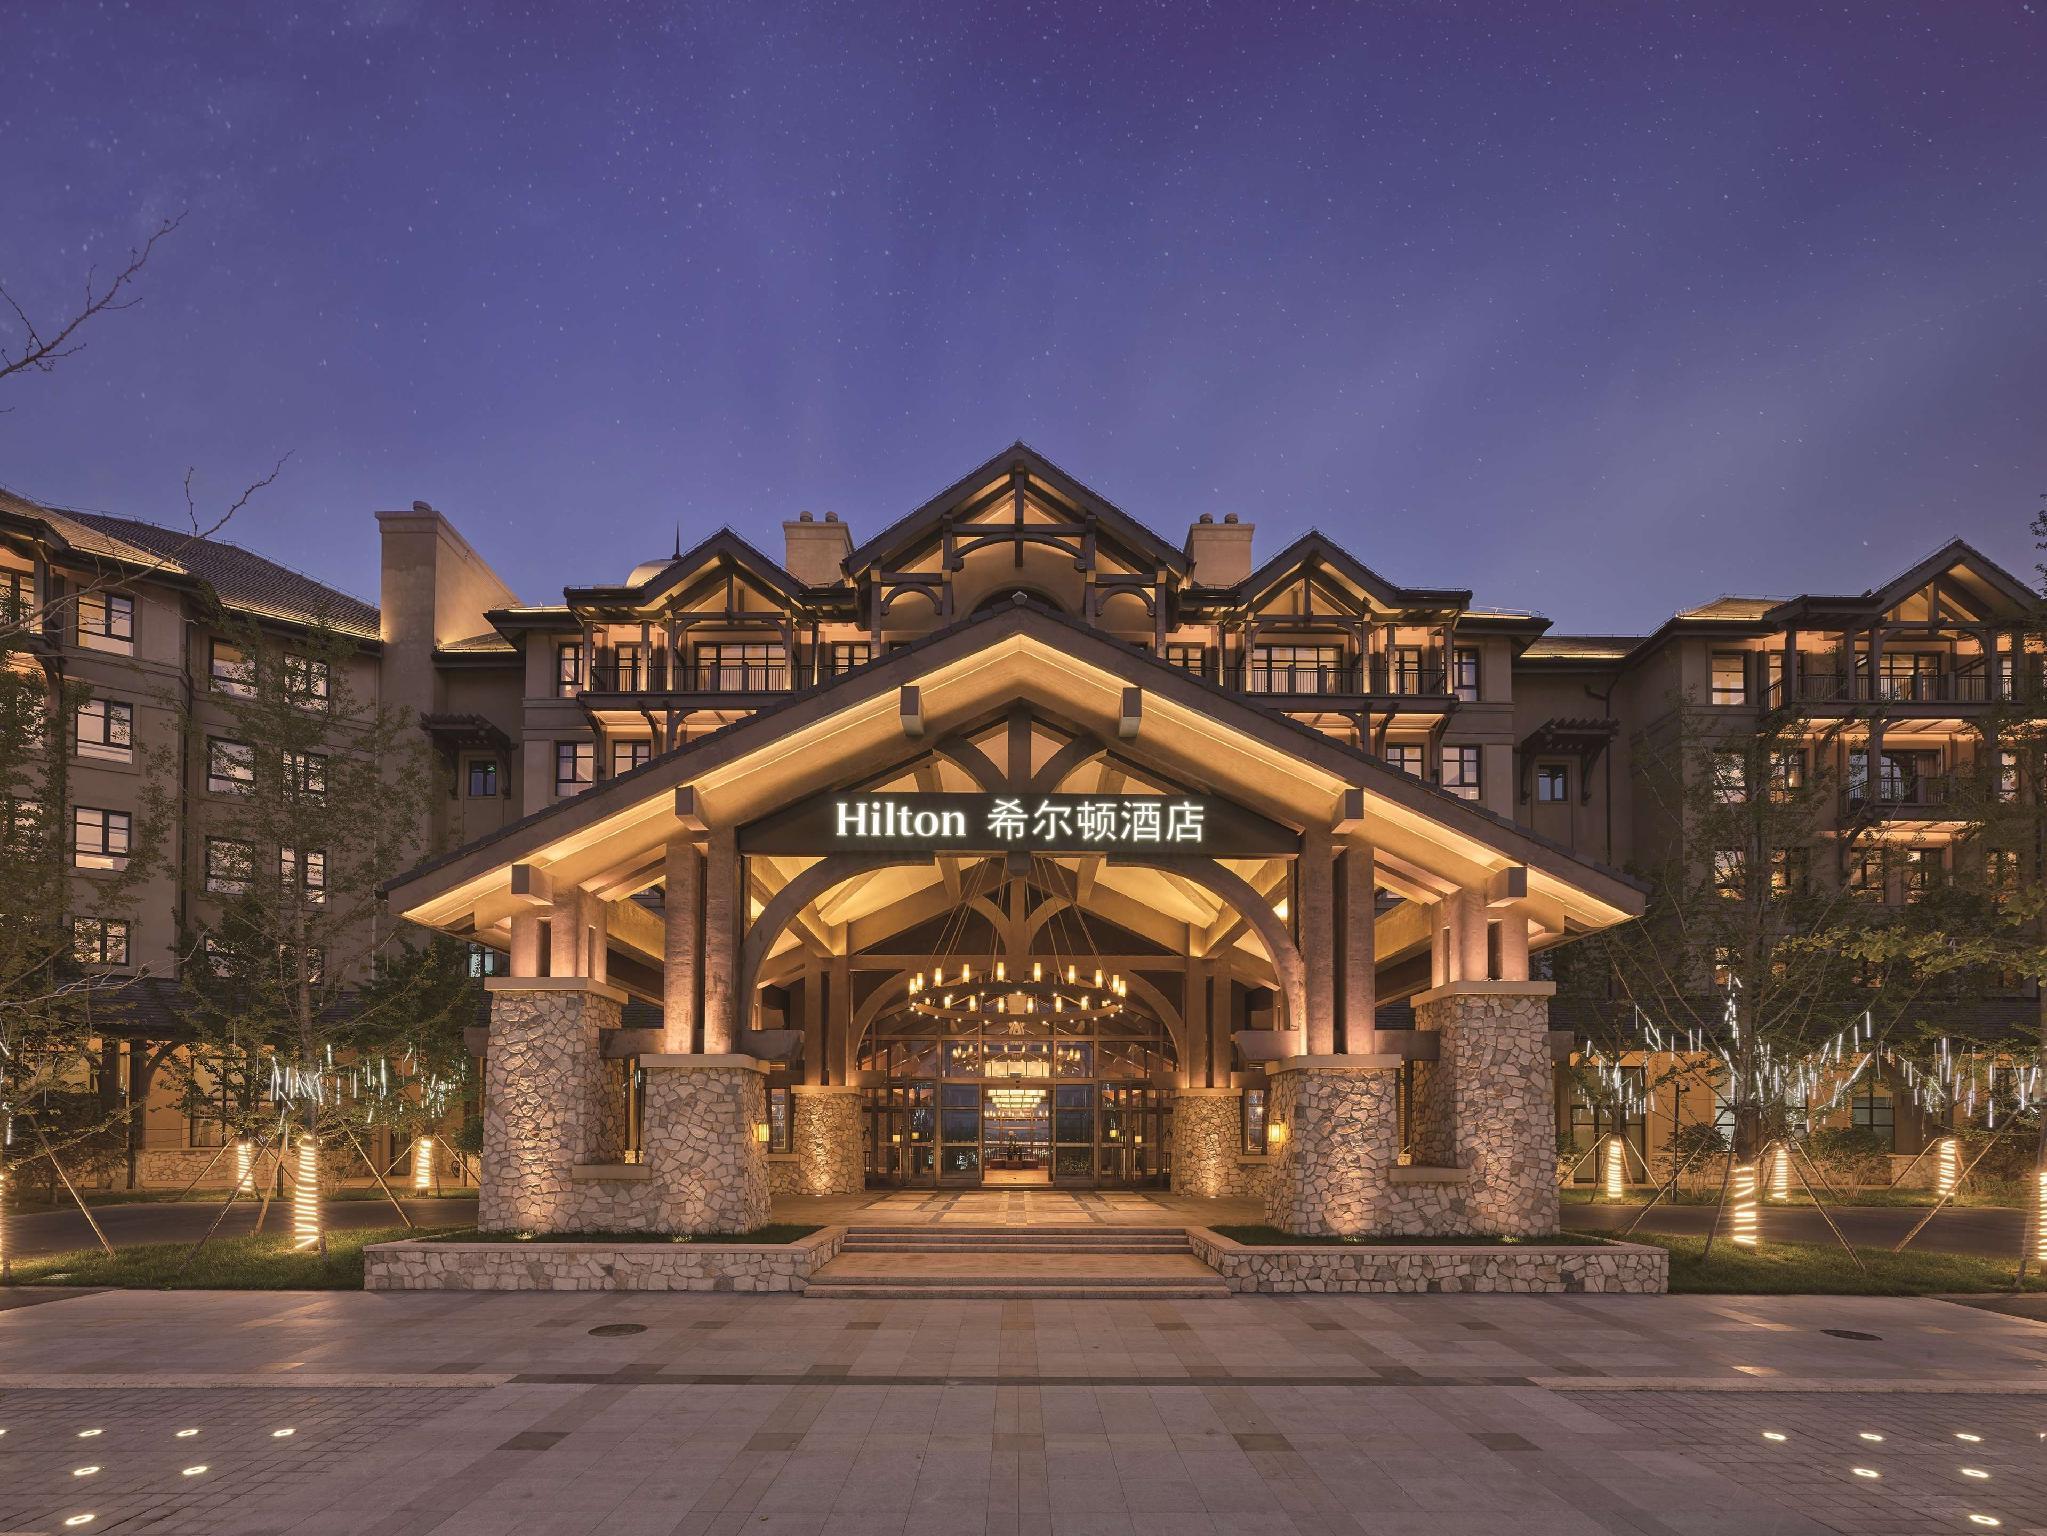 Hilton Wenan